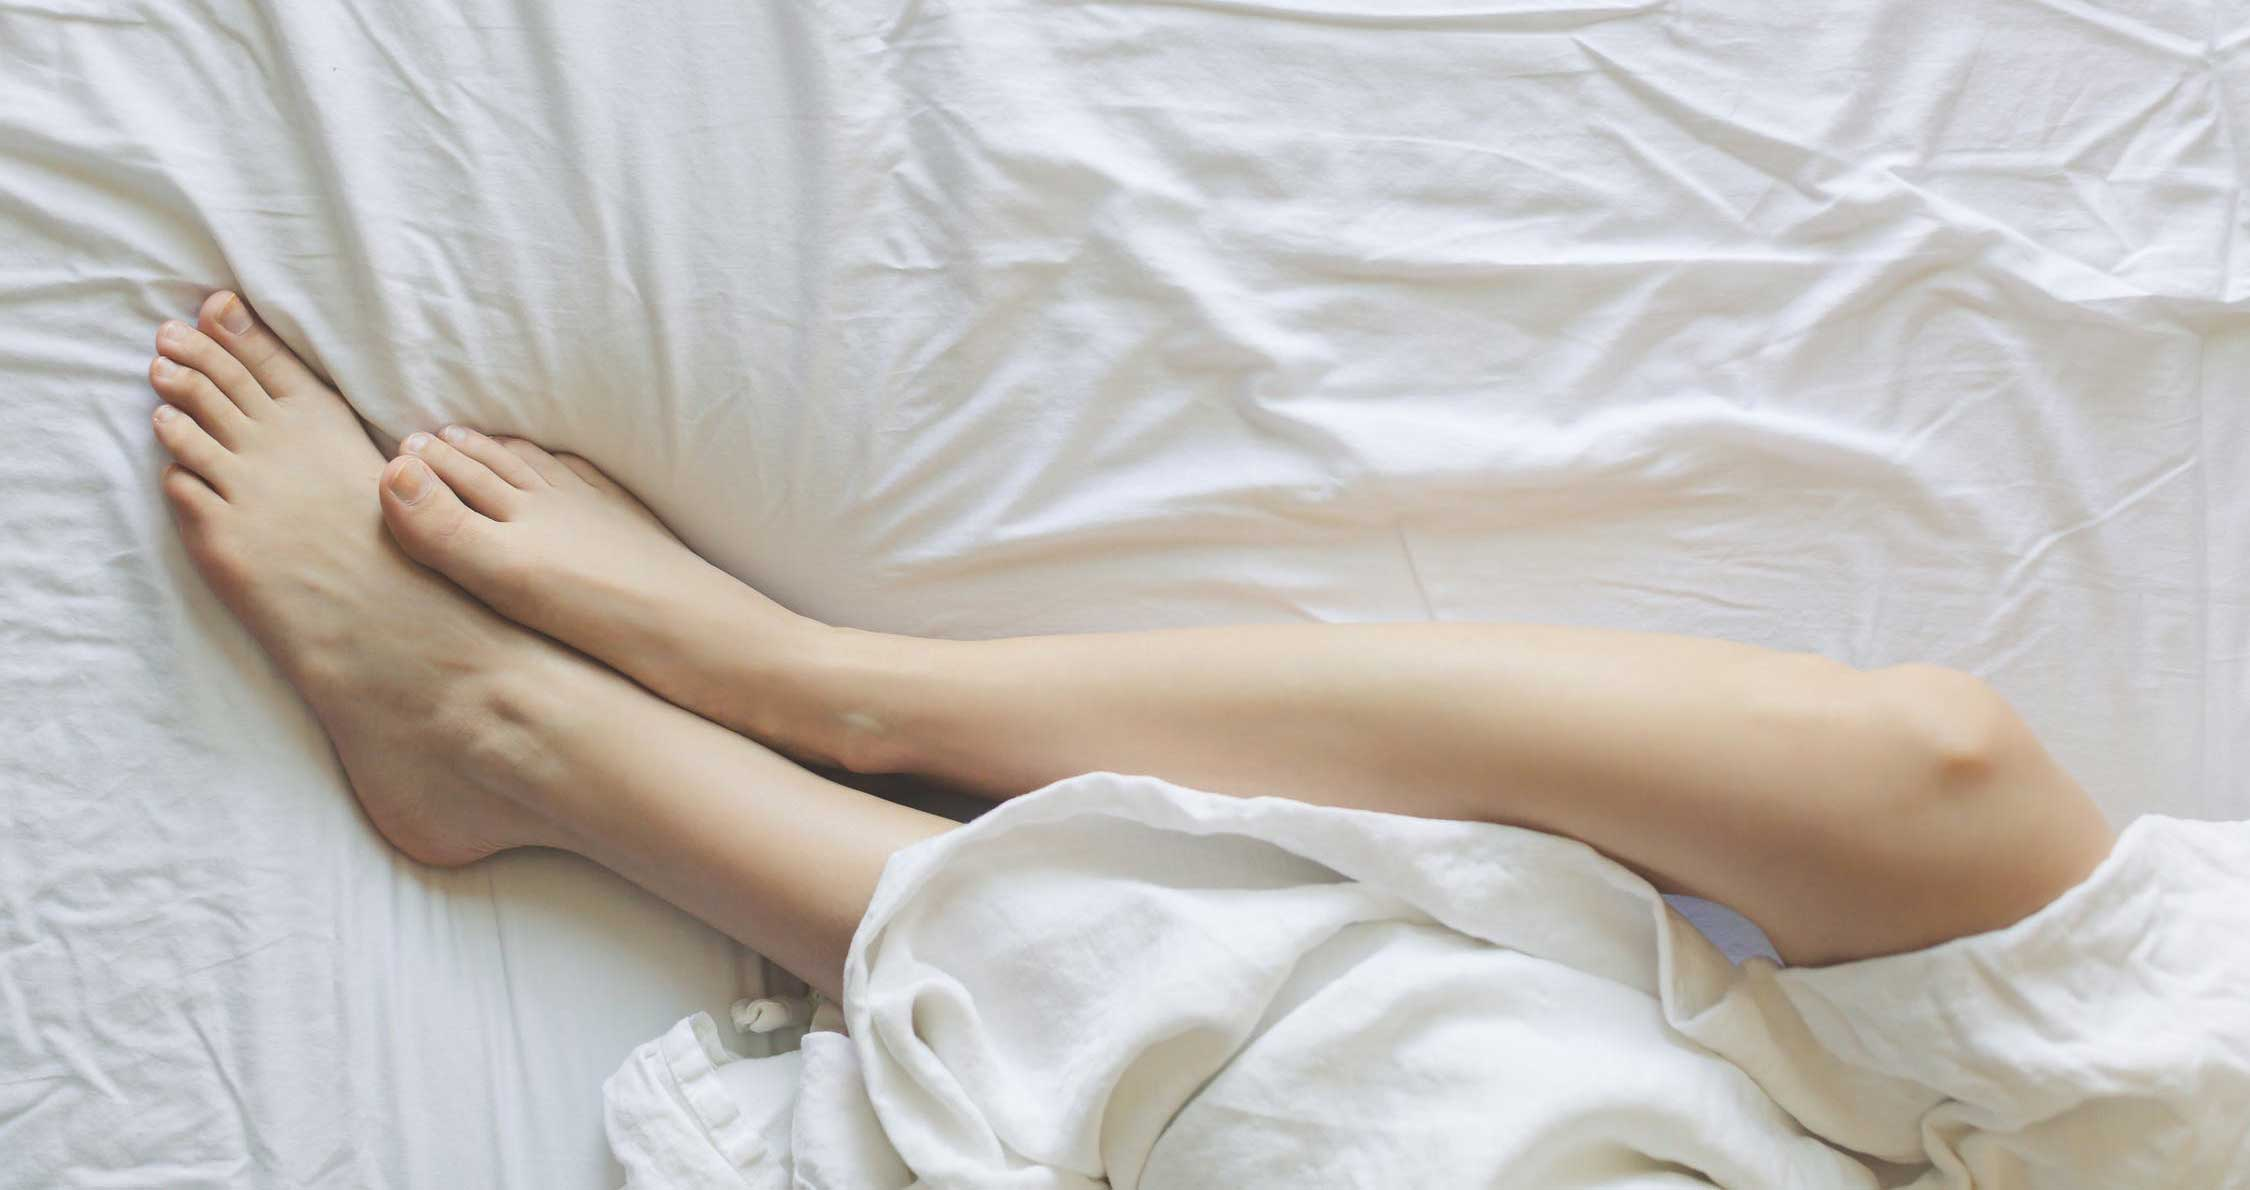 Apakah Berhubungan Seks Bisa Membakar Kalori?